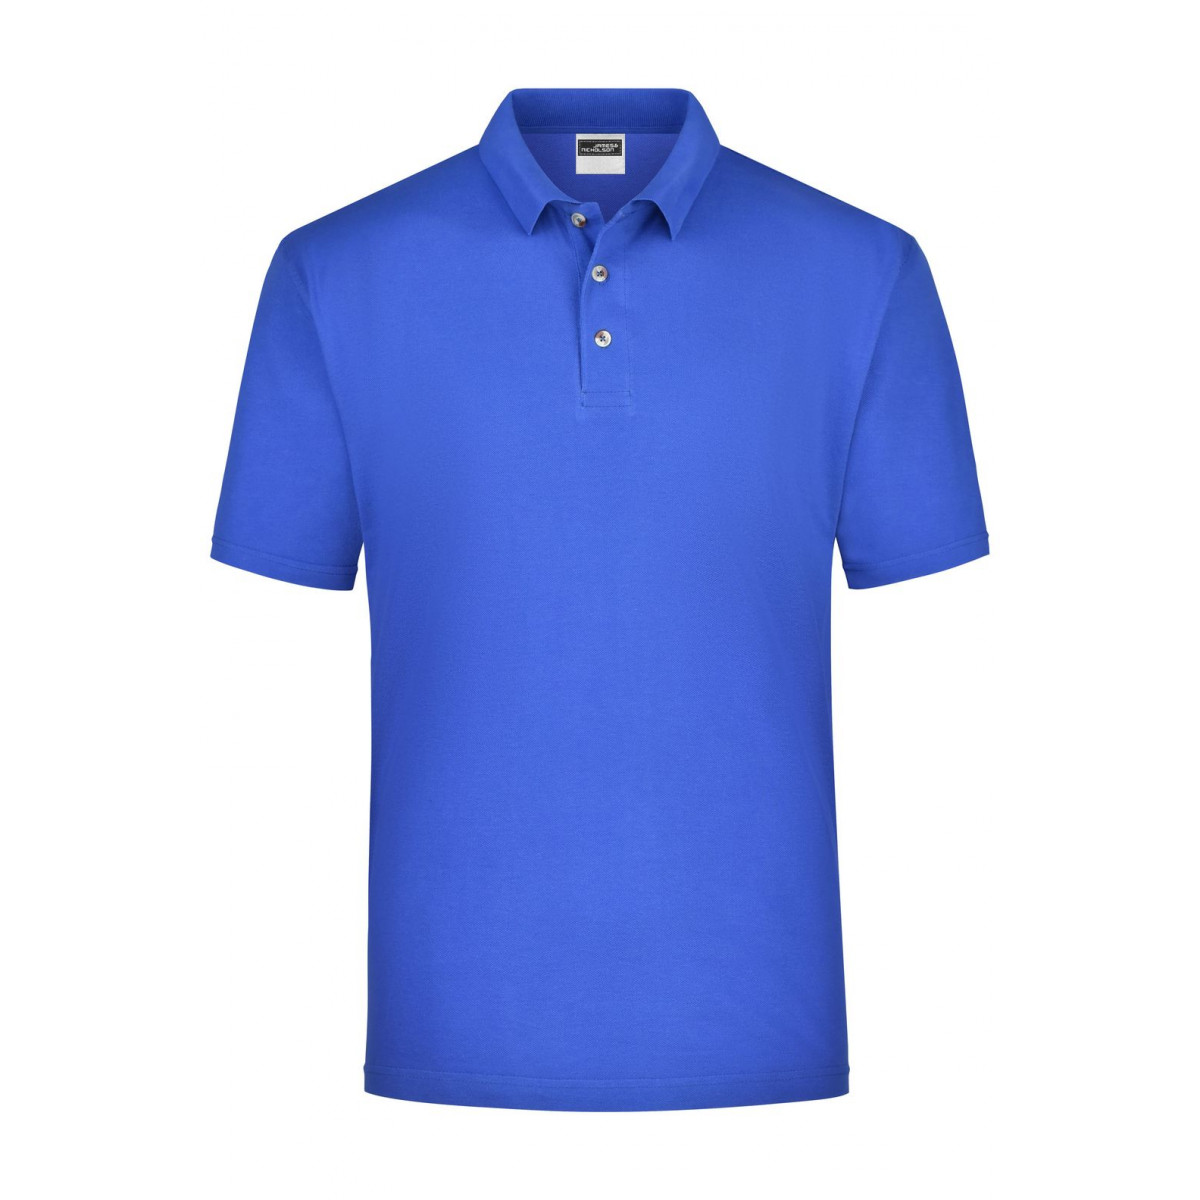 Рубашка поло мужская JN020 Polo Piqué Medium - Ярко-синий